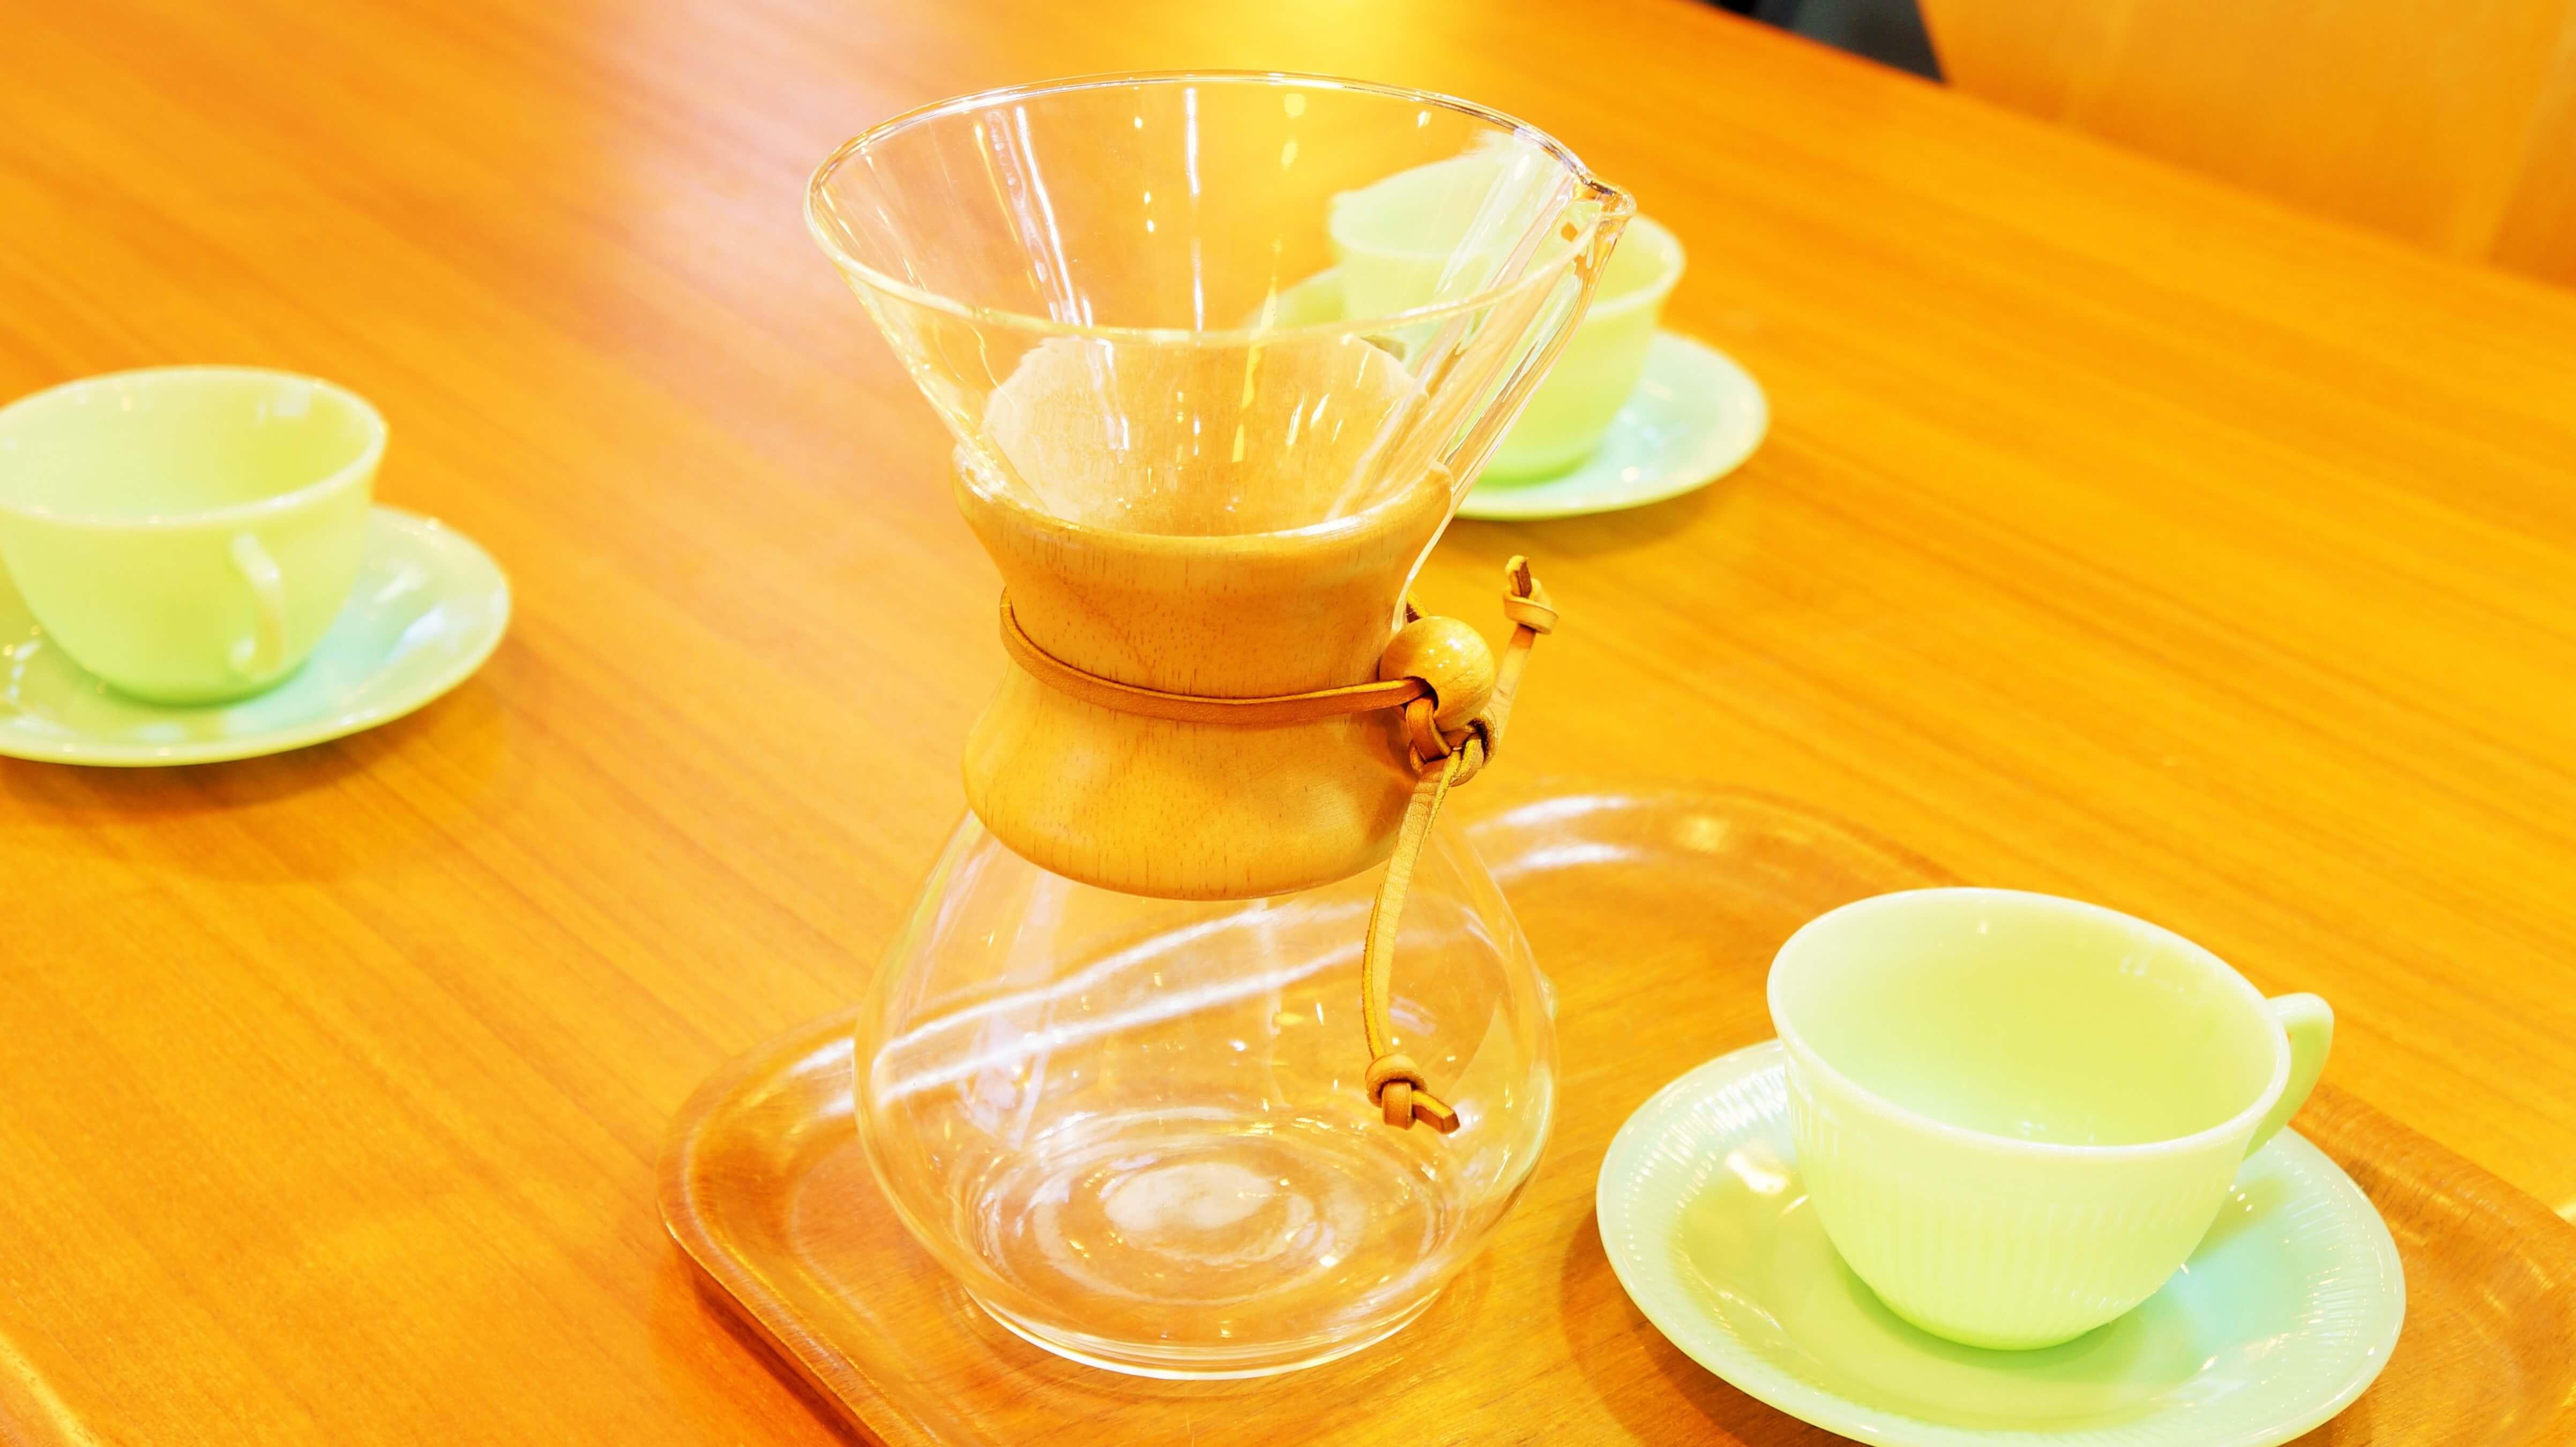 1941年の誕生以来、半世紀以上もの間ロングセラーとして世界中のコーヒー通に愛され続けているケメックスのコーヒーメーカー。ドイツに生まれのちにアメリカに移住した科学者ピーター・シュラムボーム博士が考案しました。三角フラスコと漏斗を合体させたような不思議な形は、実験室に転がっていたフラスコを コーヒーメーカー代わりに使っていたことから由来するとのことです。一見、コーヒーメーカーには見えないようなルックス。そのコーヒーメーカーらしからぬ美しいデザインはニューヨーク近代美術館(MoMA)やフィラデルフィア美術館、スミソニアン博物館に永久展示品として展示されているほど。コーヒーを淹れるならケメックスでないとというほど、コーヒー通には必須と言っていいようなアイテムです。シンプルな構造だからこそ、淹れる人によって味が大きく変わると言われています。持ちやすいようにウッドクリップが取り付けられています。忙しい毎日の中でも、こだわりの品でゆっくりとコーヒーを淹れて、リラックスした時間を過ごしてみてはいかがでしょうか♪~【東京都杉並区阿佐ヶ谷北アンティークショップ 古一/ZACK高円寺店】 古一/ふるいちでは出張無料買取も行っております。杉並区周辺はもちろん、世田谷区・目黒区・武蔵野市・新宿区等の東京近郊のお見積もりも!ビンテージ家具・インテリア雑貨・ランプ・USED品・ リサイクルなら古一/フルイチへ~